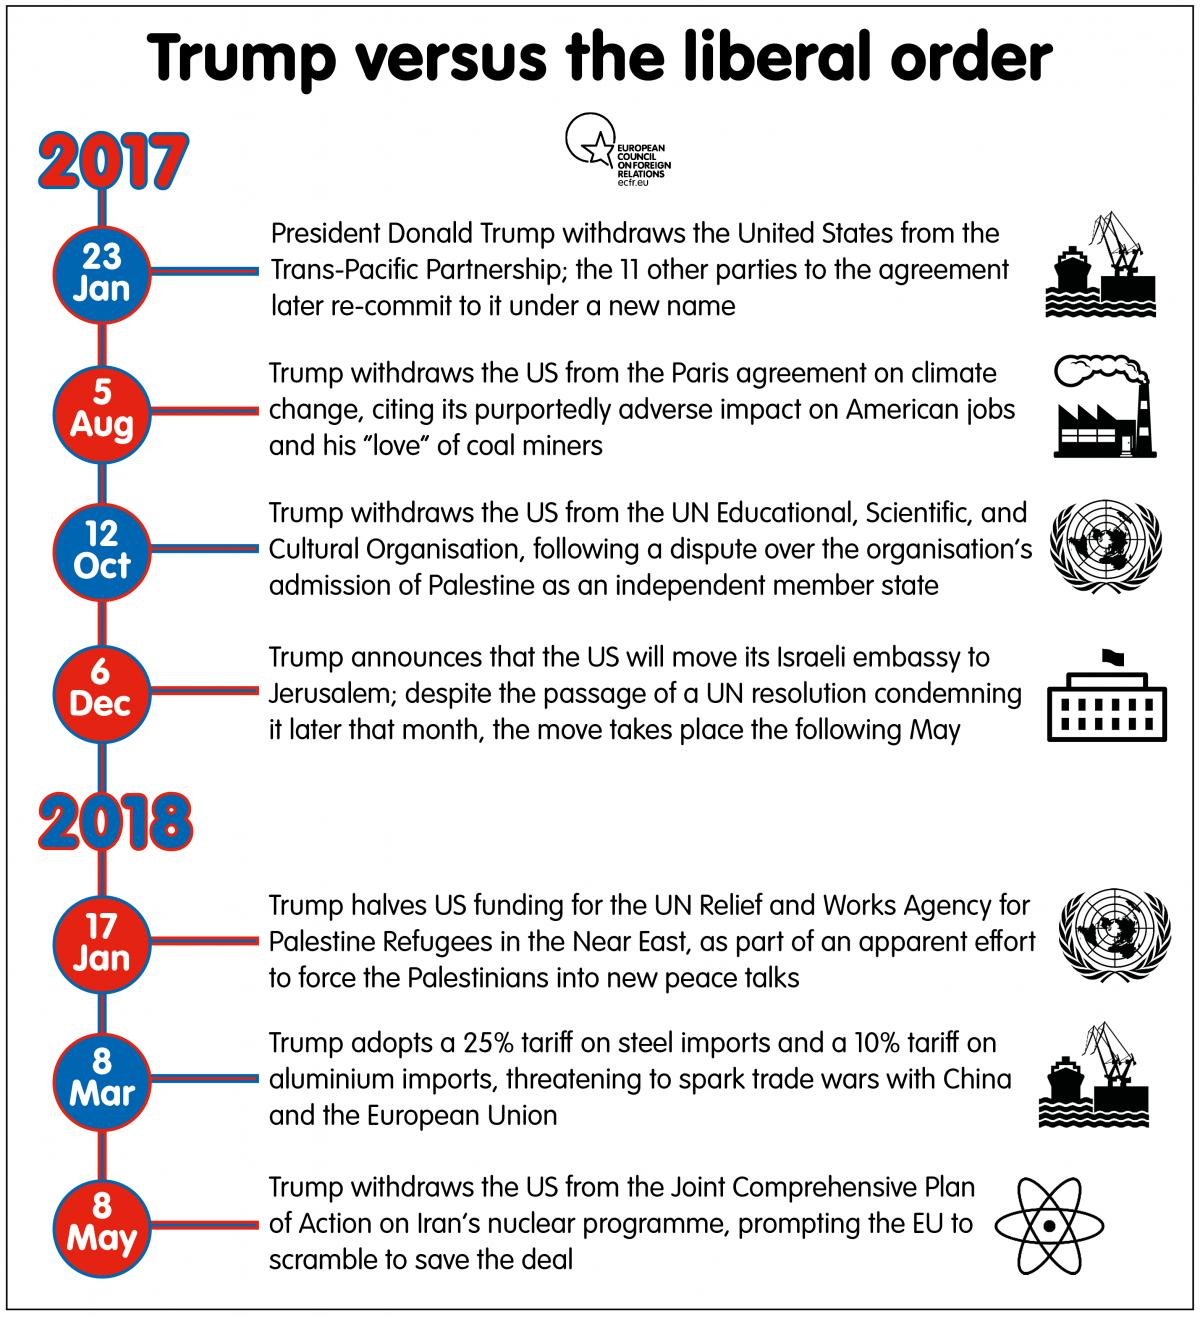 Trump versus the liberal order